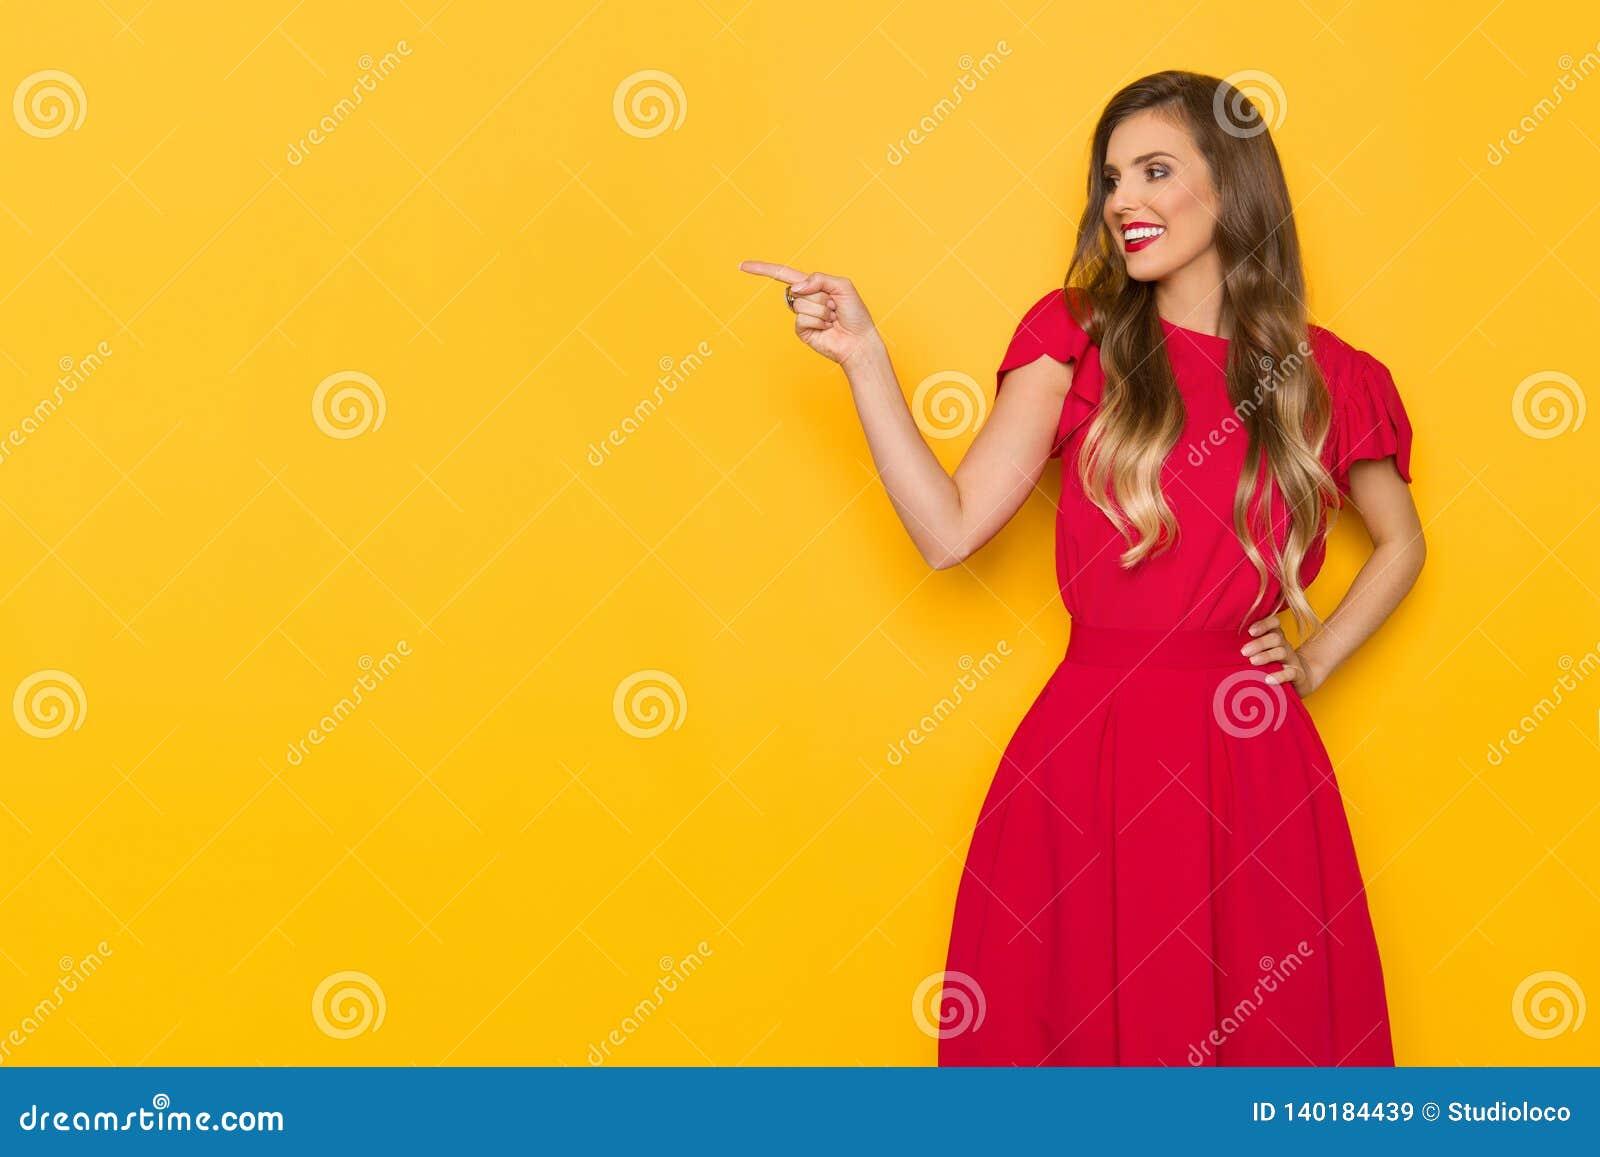 红色礼服的美丽的微笑的年轻女人是指向和看